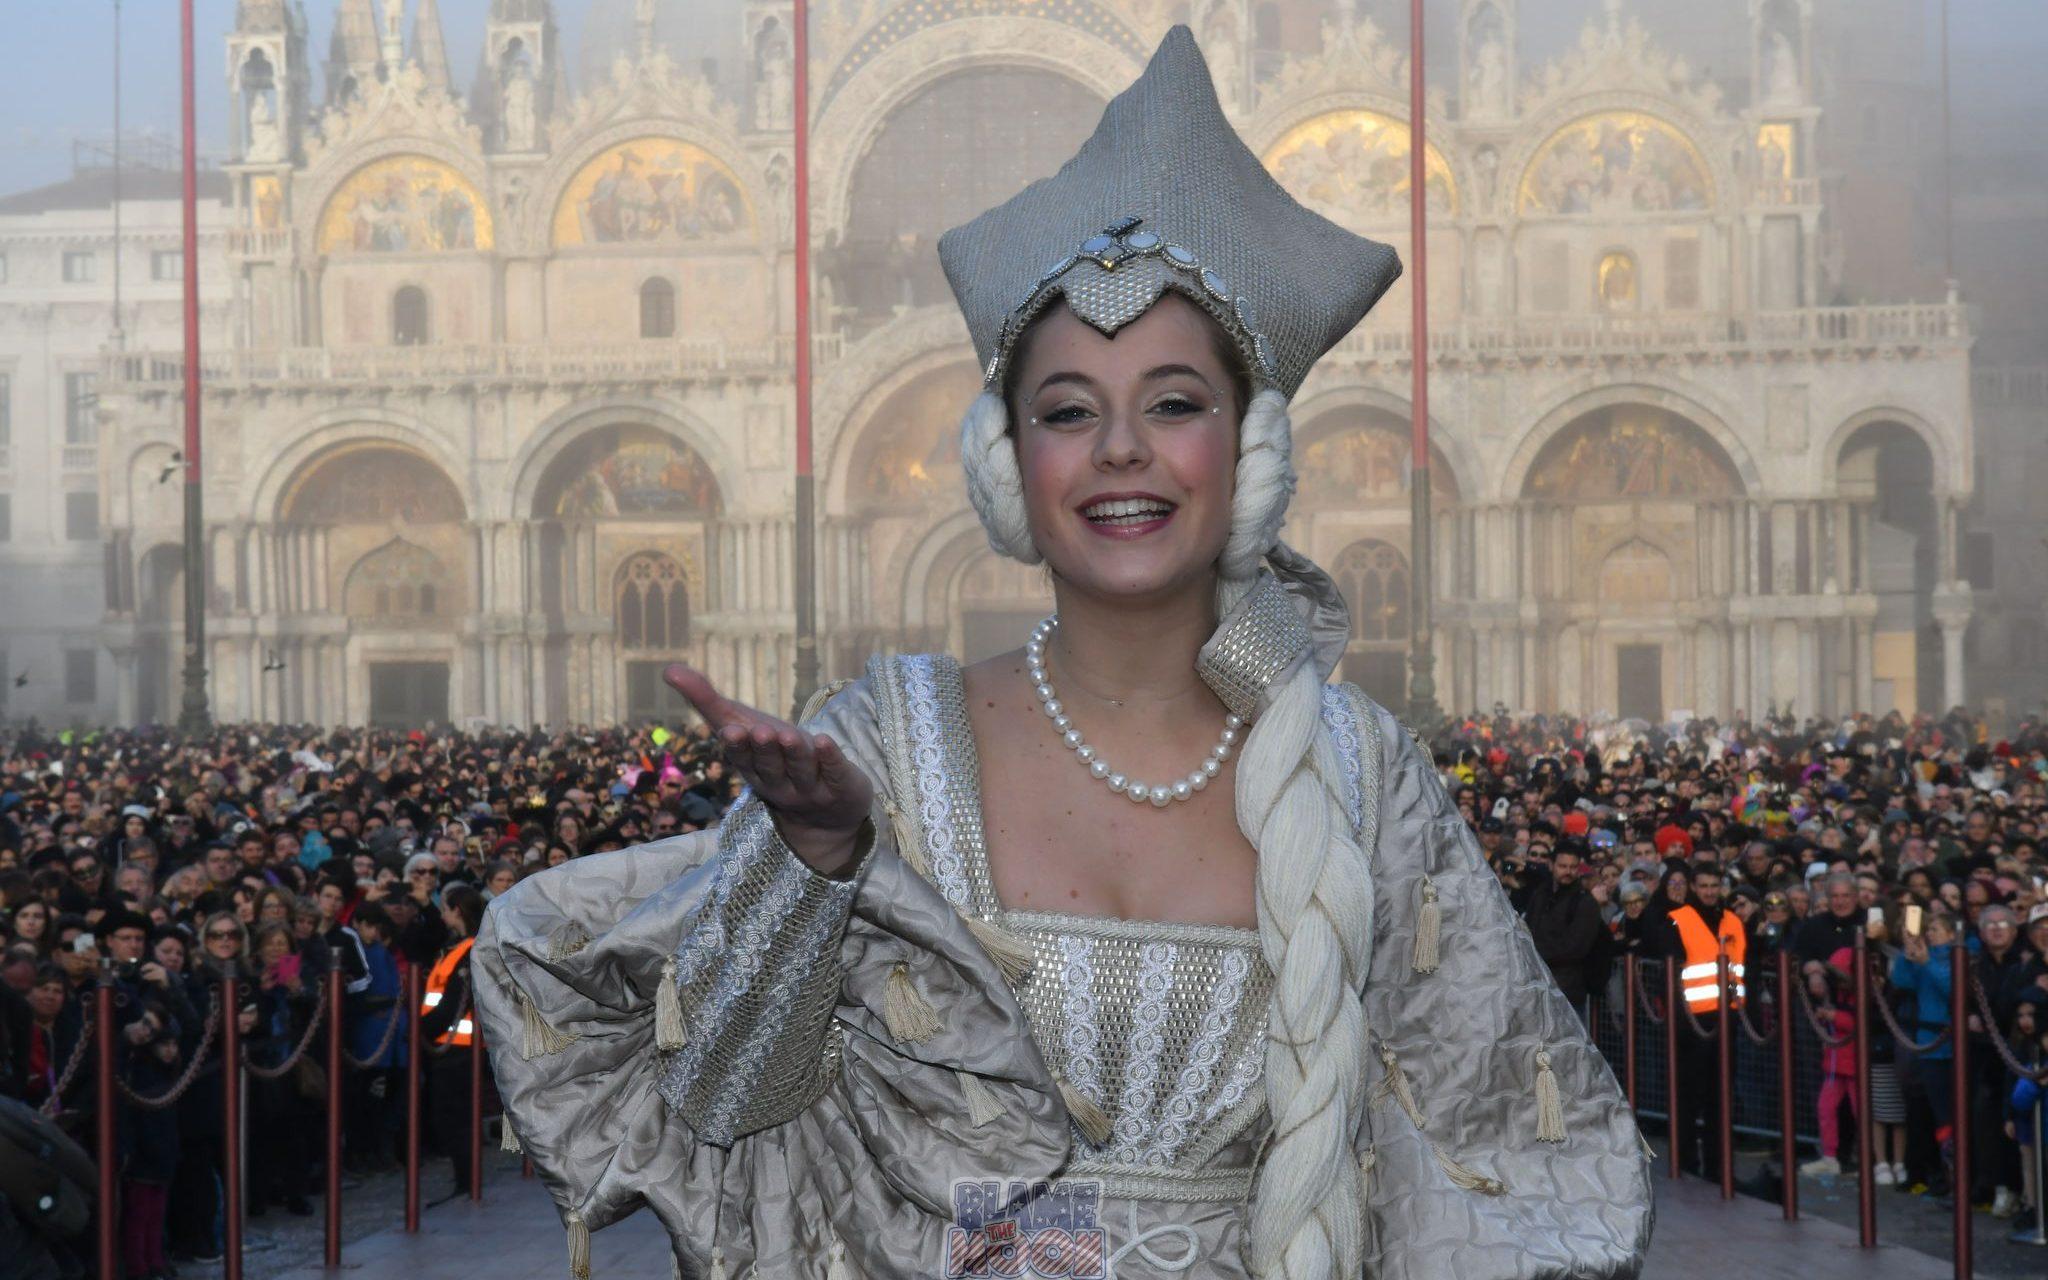 ... del Carnevale 2020. resSAM carnevale di venezia 2019 svolo e maria sul  palco 714 7aaf5bf510b